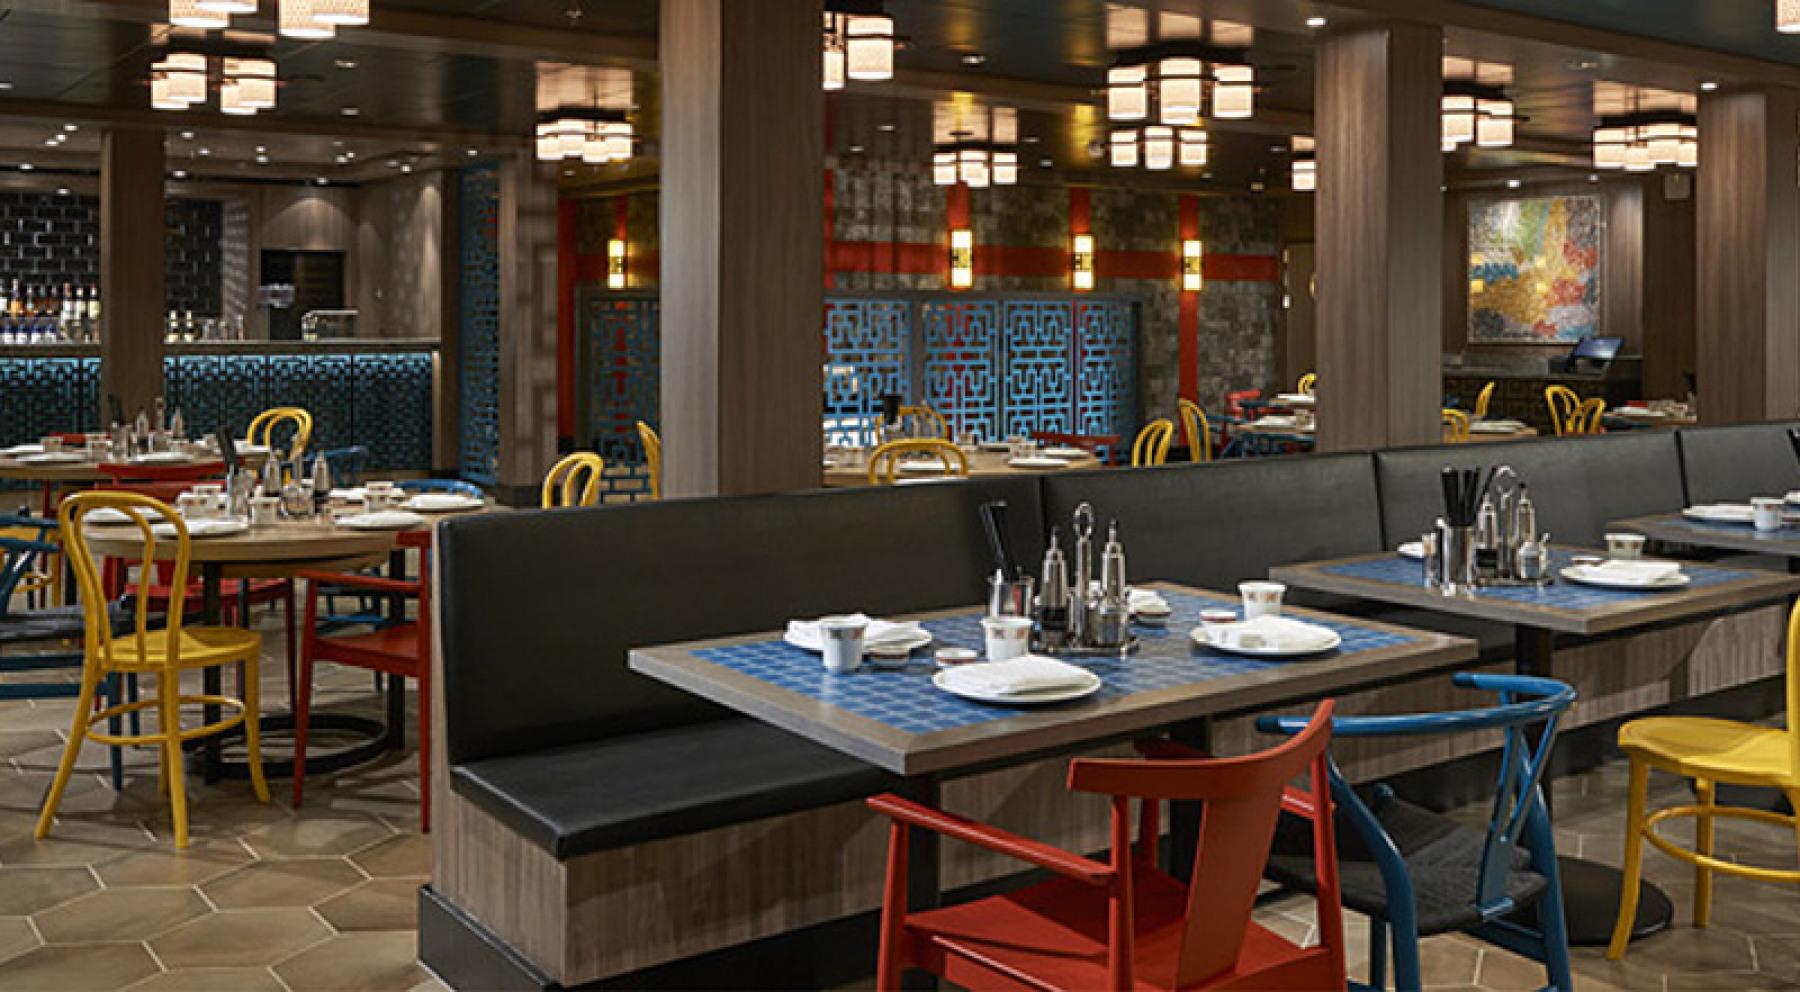 Norwegian Cruise Lines Norwegian Joy Interior Noodle Bar.jpg